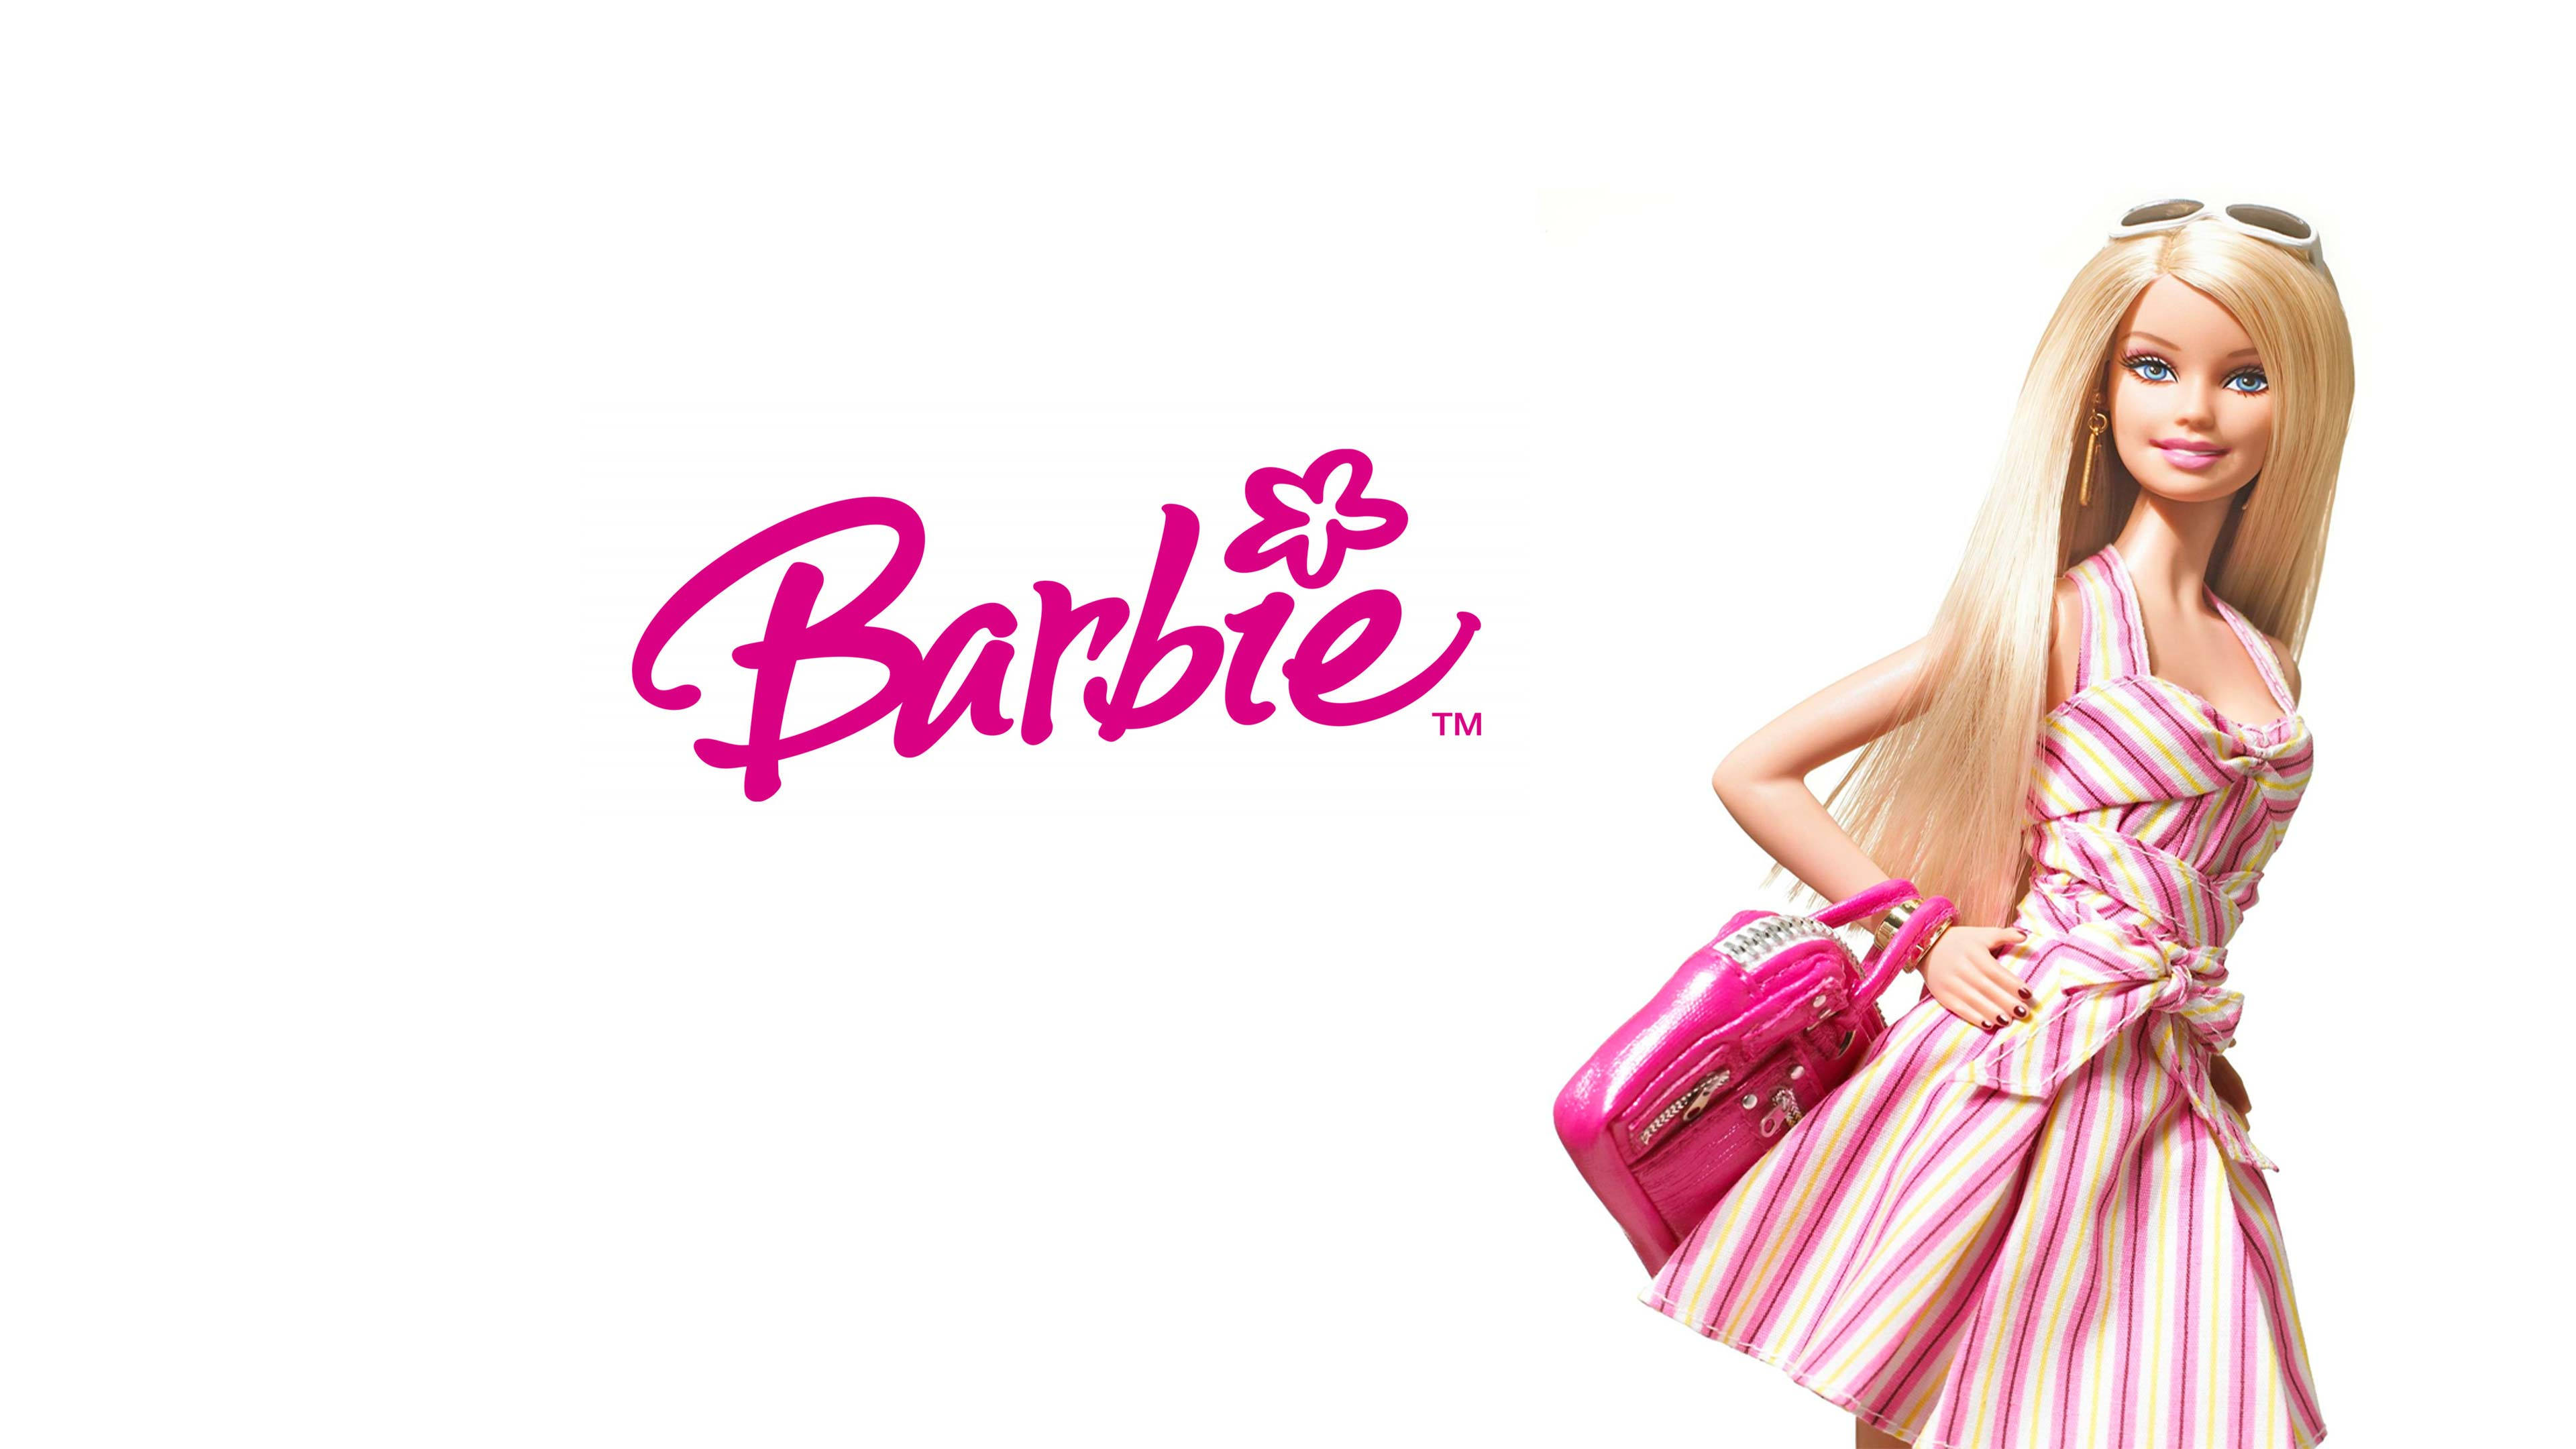 hd barbie wallpaper 24047